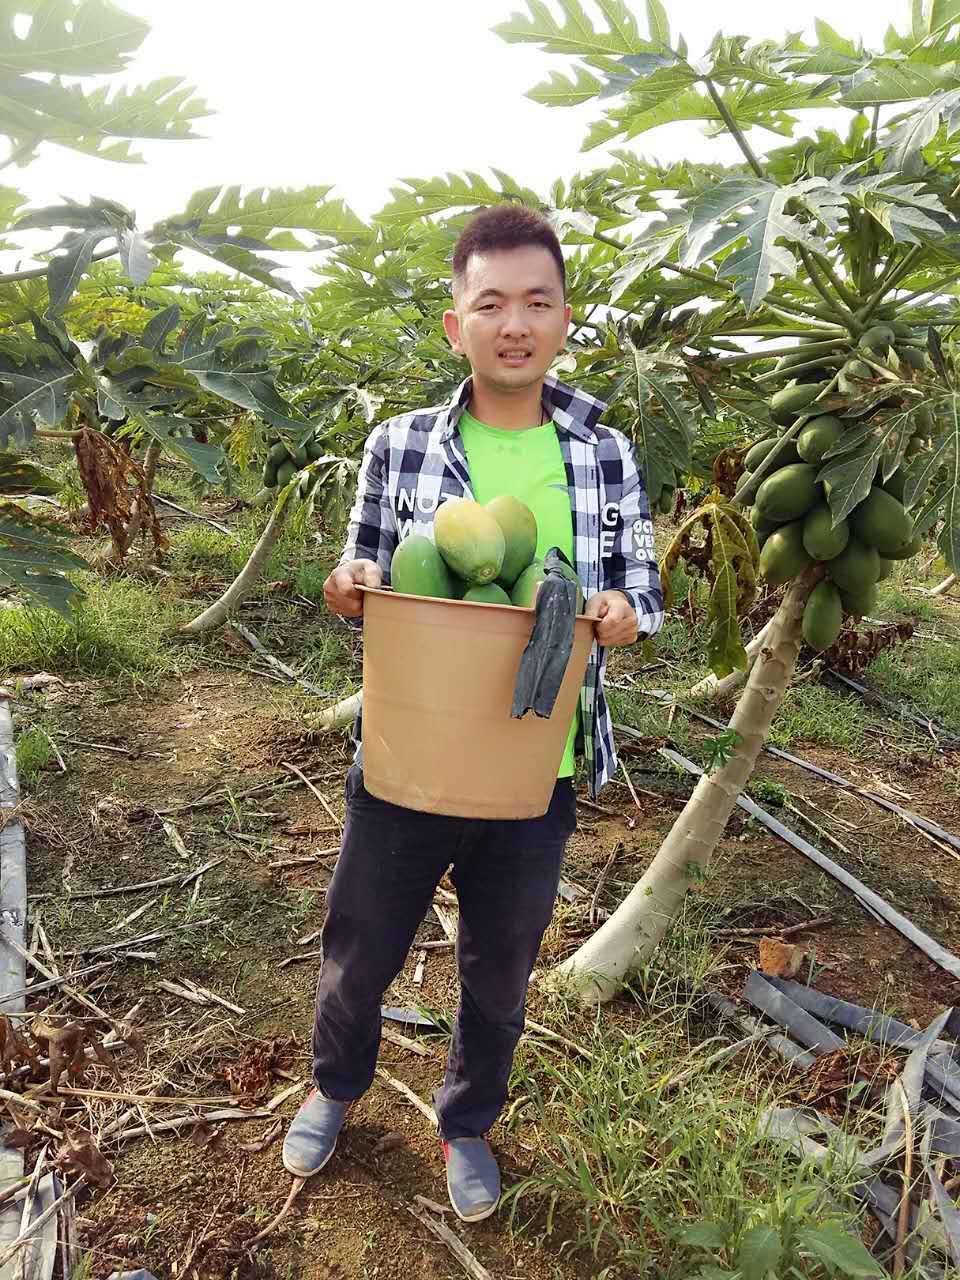 海南三亚 红心有机木瓜 新鲜水果木瓜采摘 木瓜 5斤 包邮空运